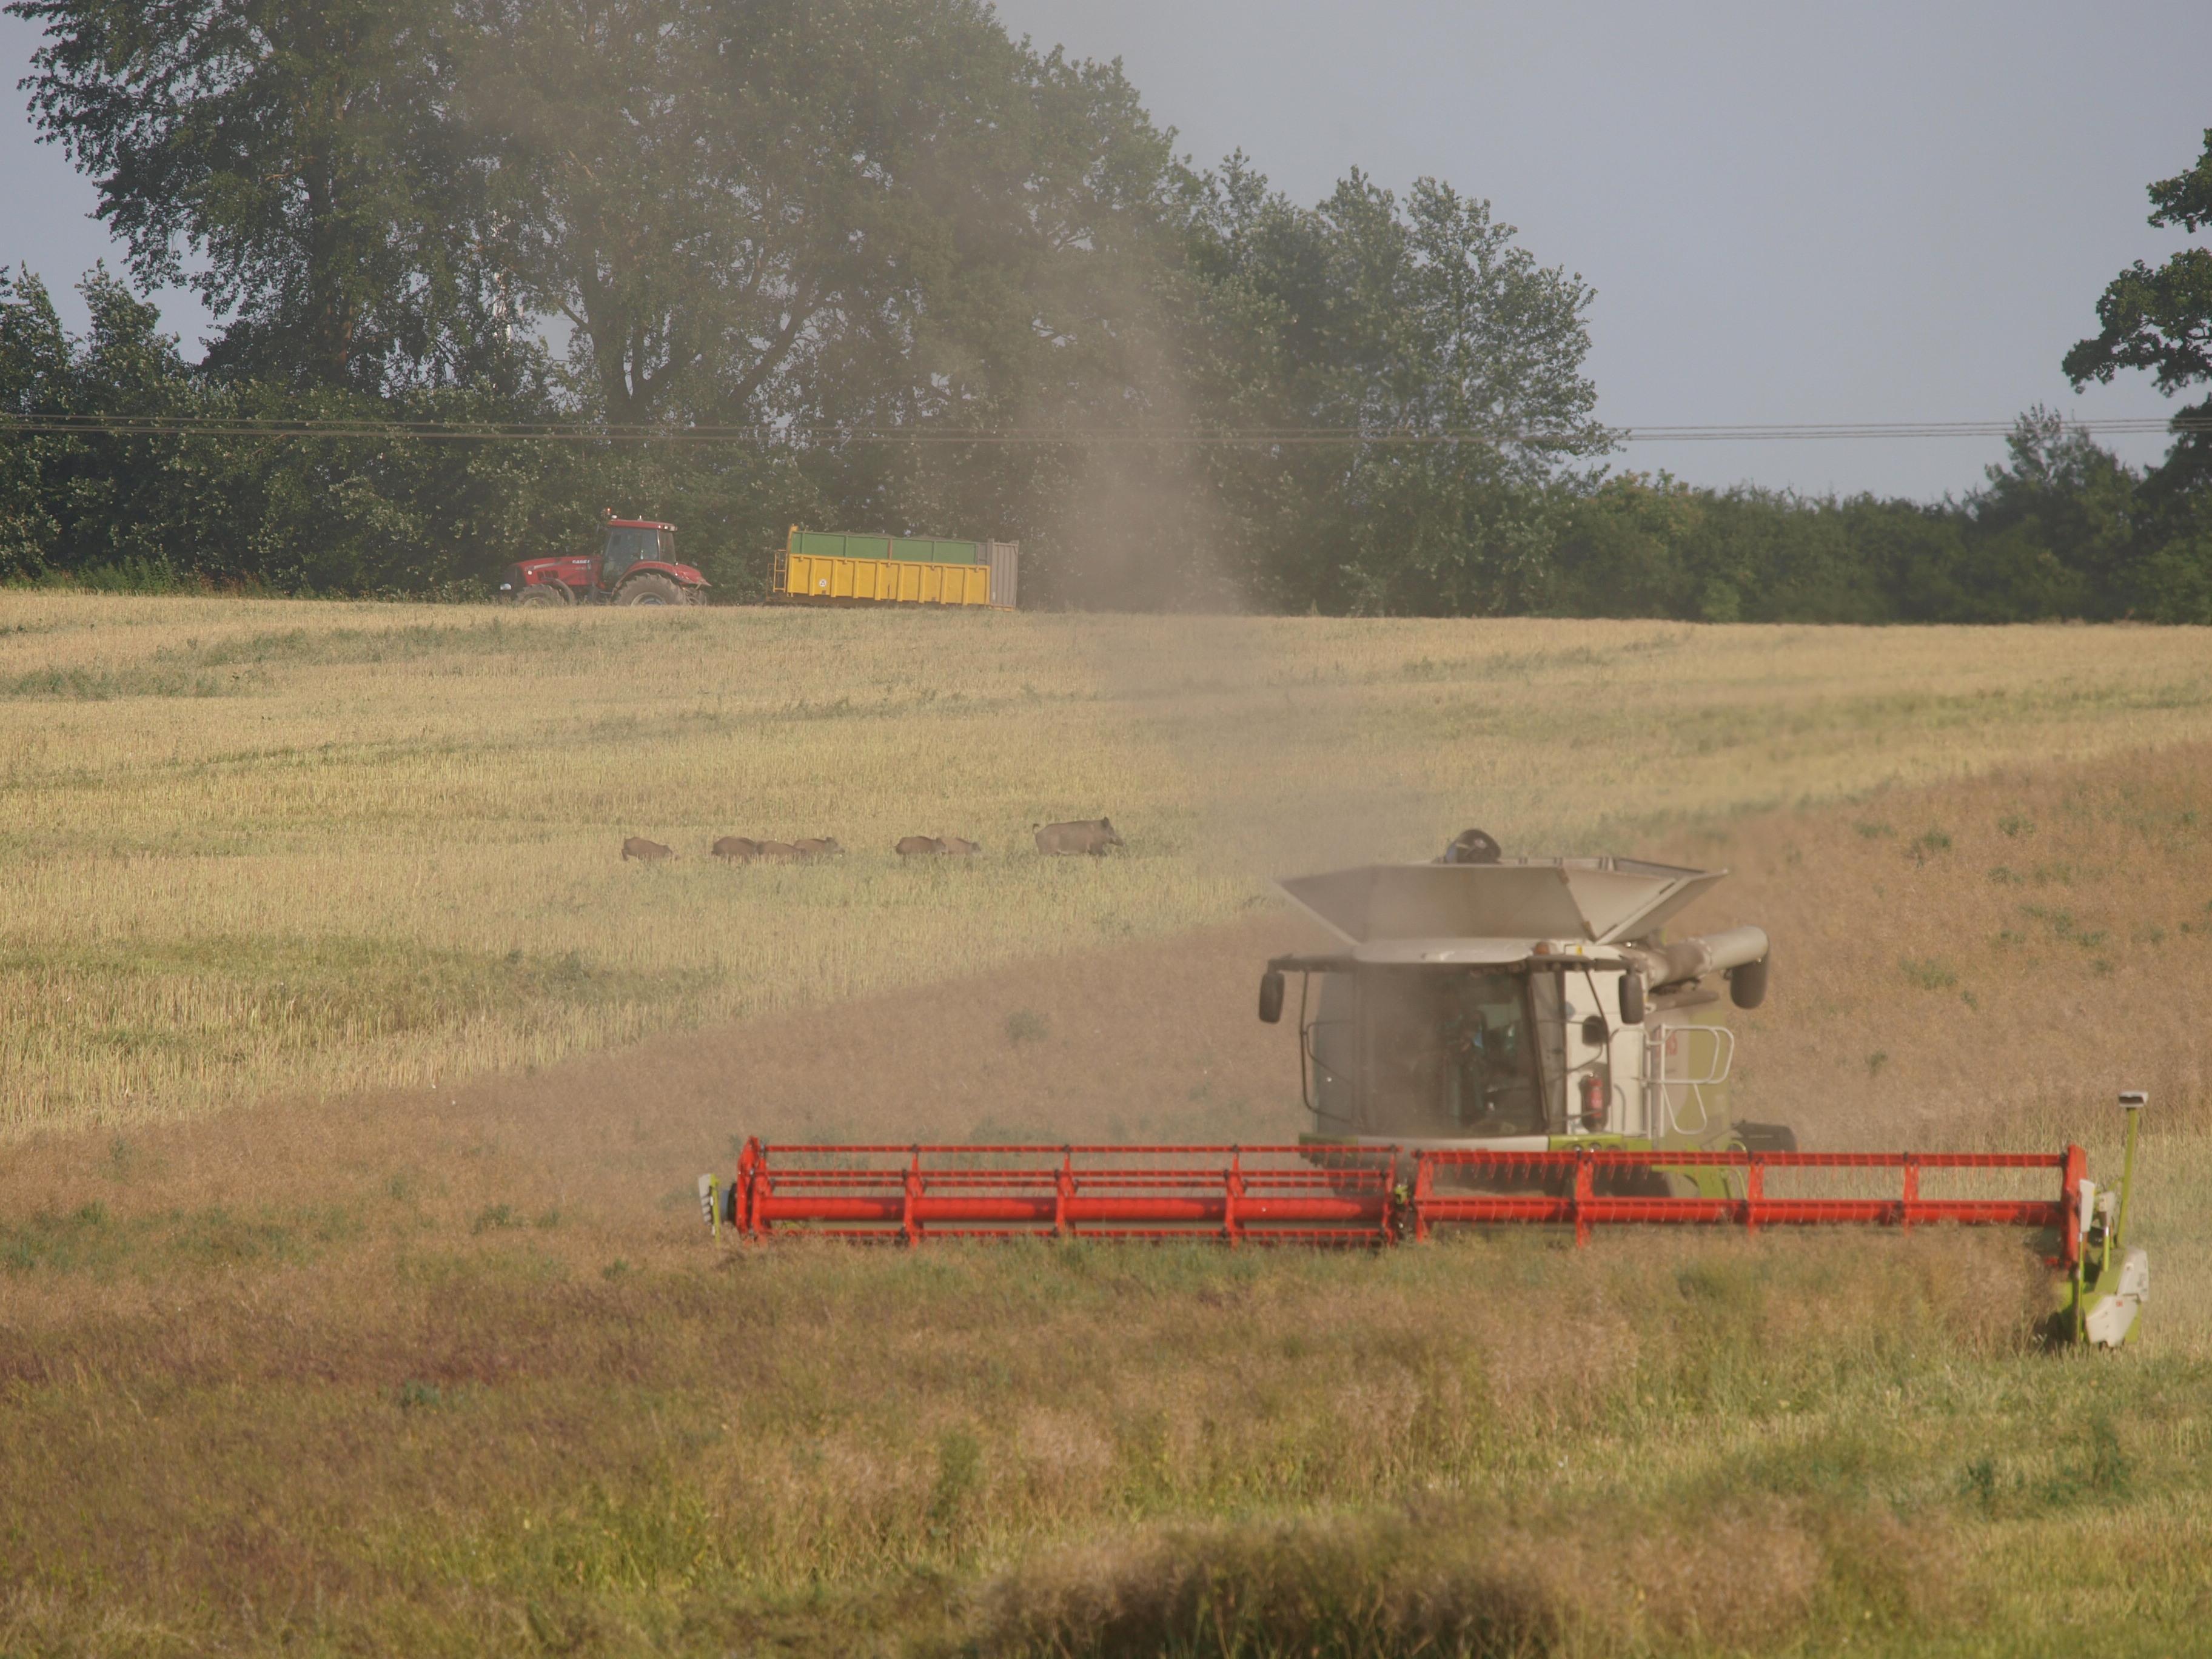 DJV-Tipps zur Sicherheit bei der Erntejagd